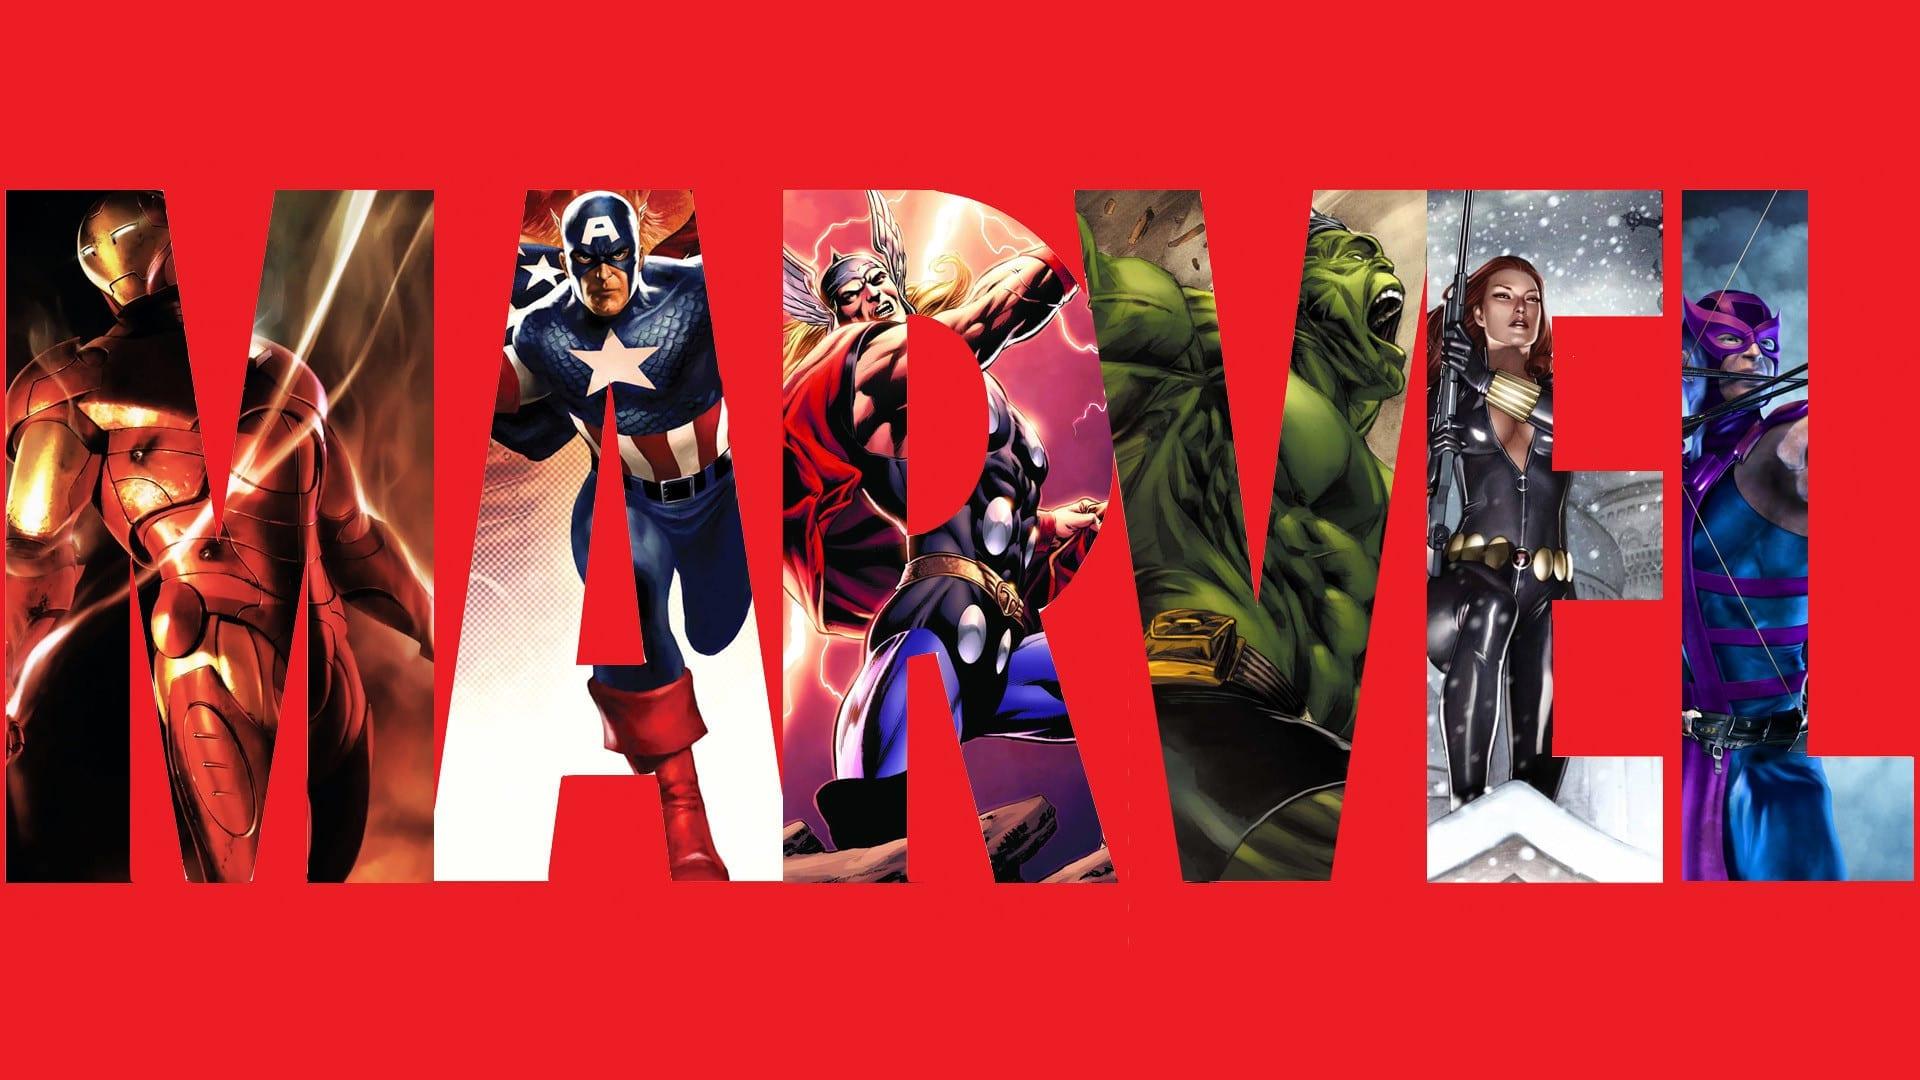 SUPER HEROES 1 - PORQUE GUSTAN LOS SUPERHÉROES